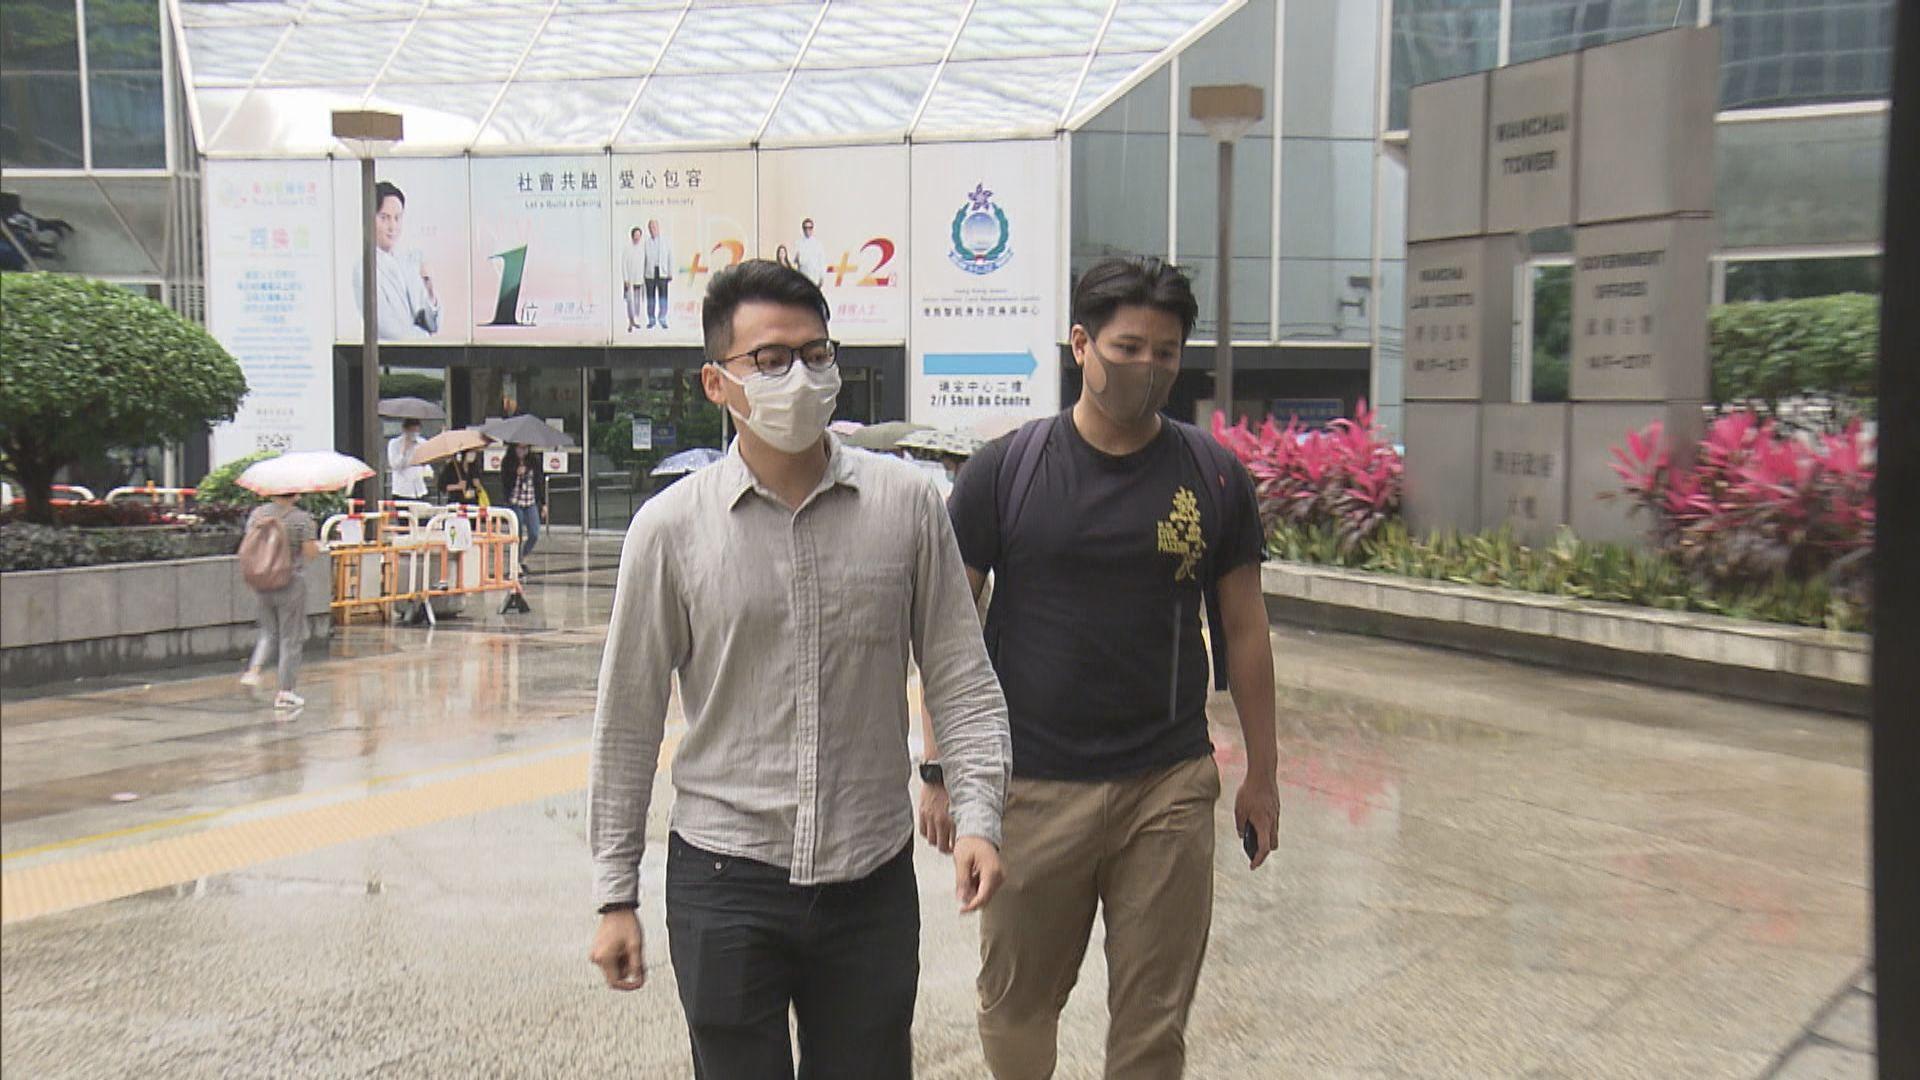 理大衝突5人被控串謀暴動 4人獲准保釋